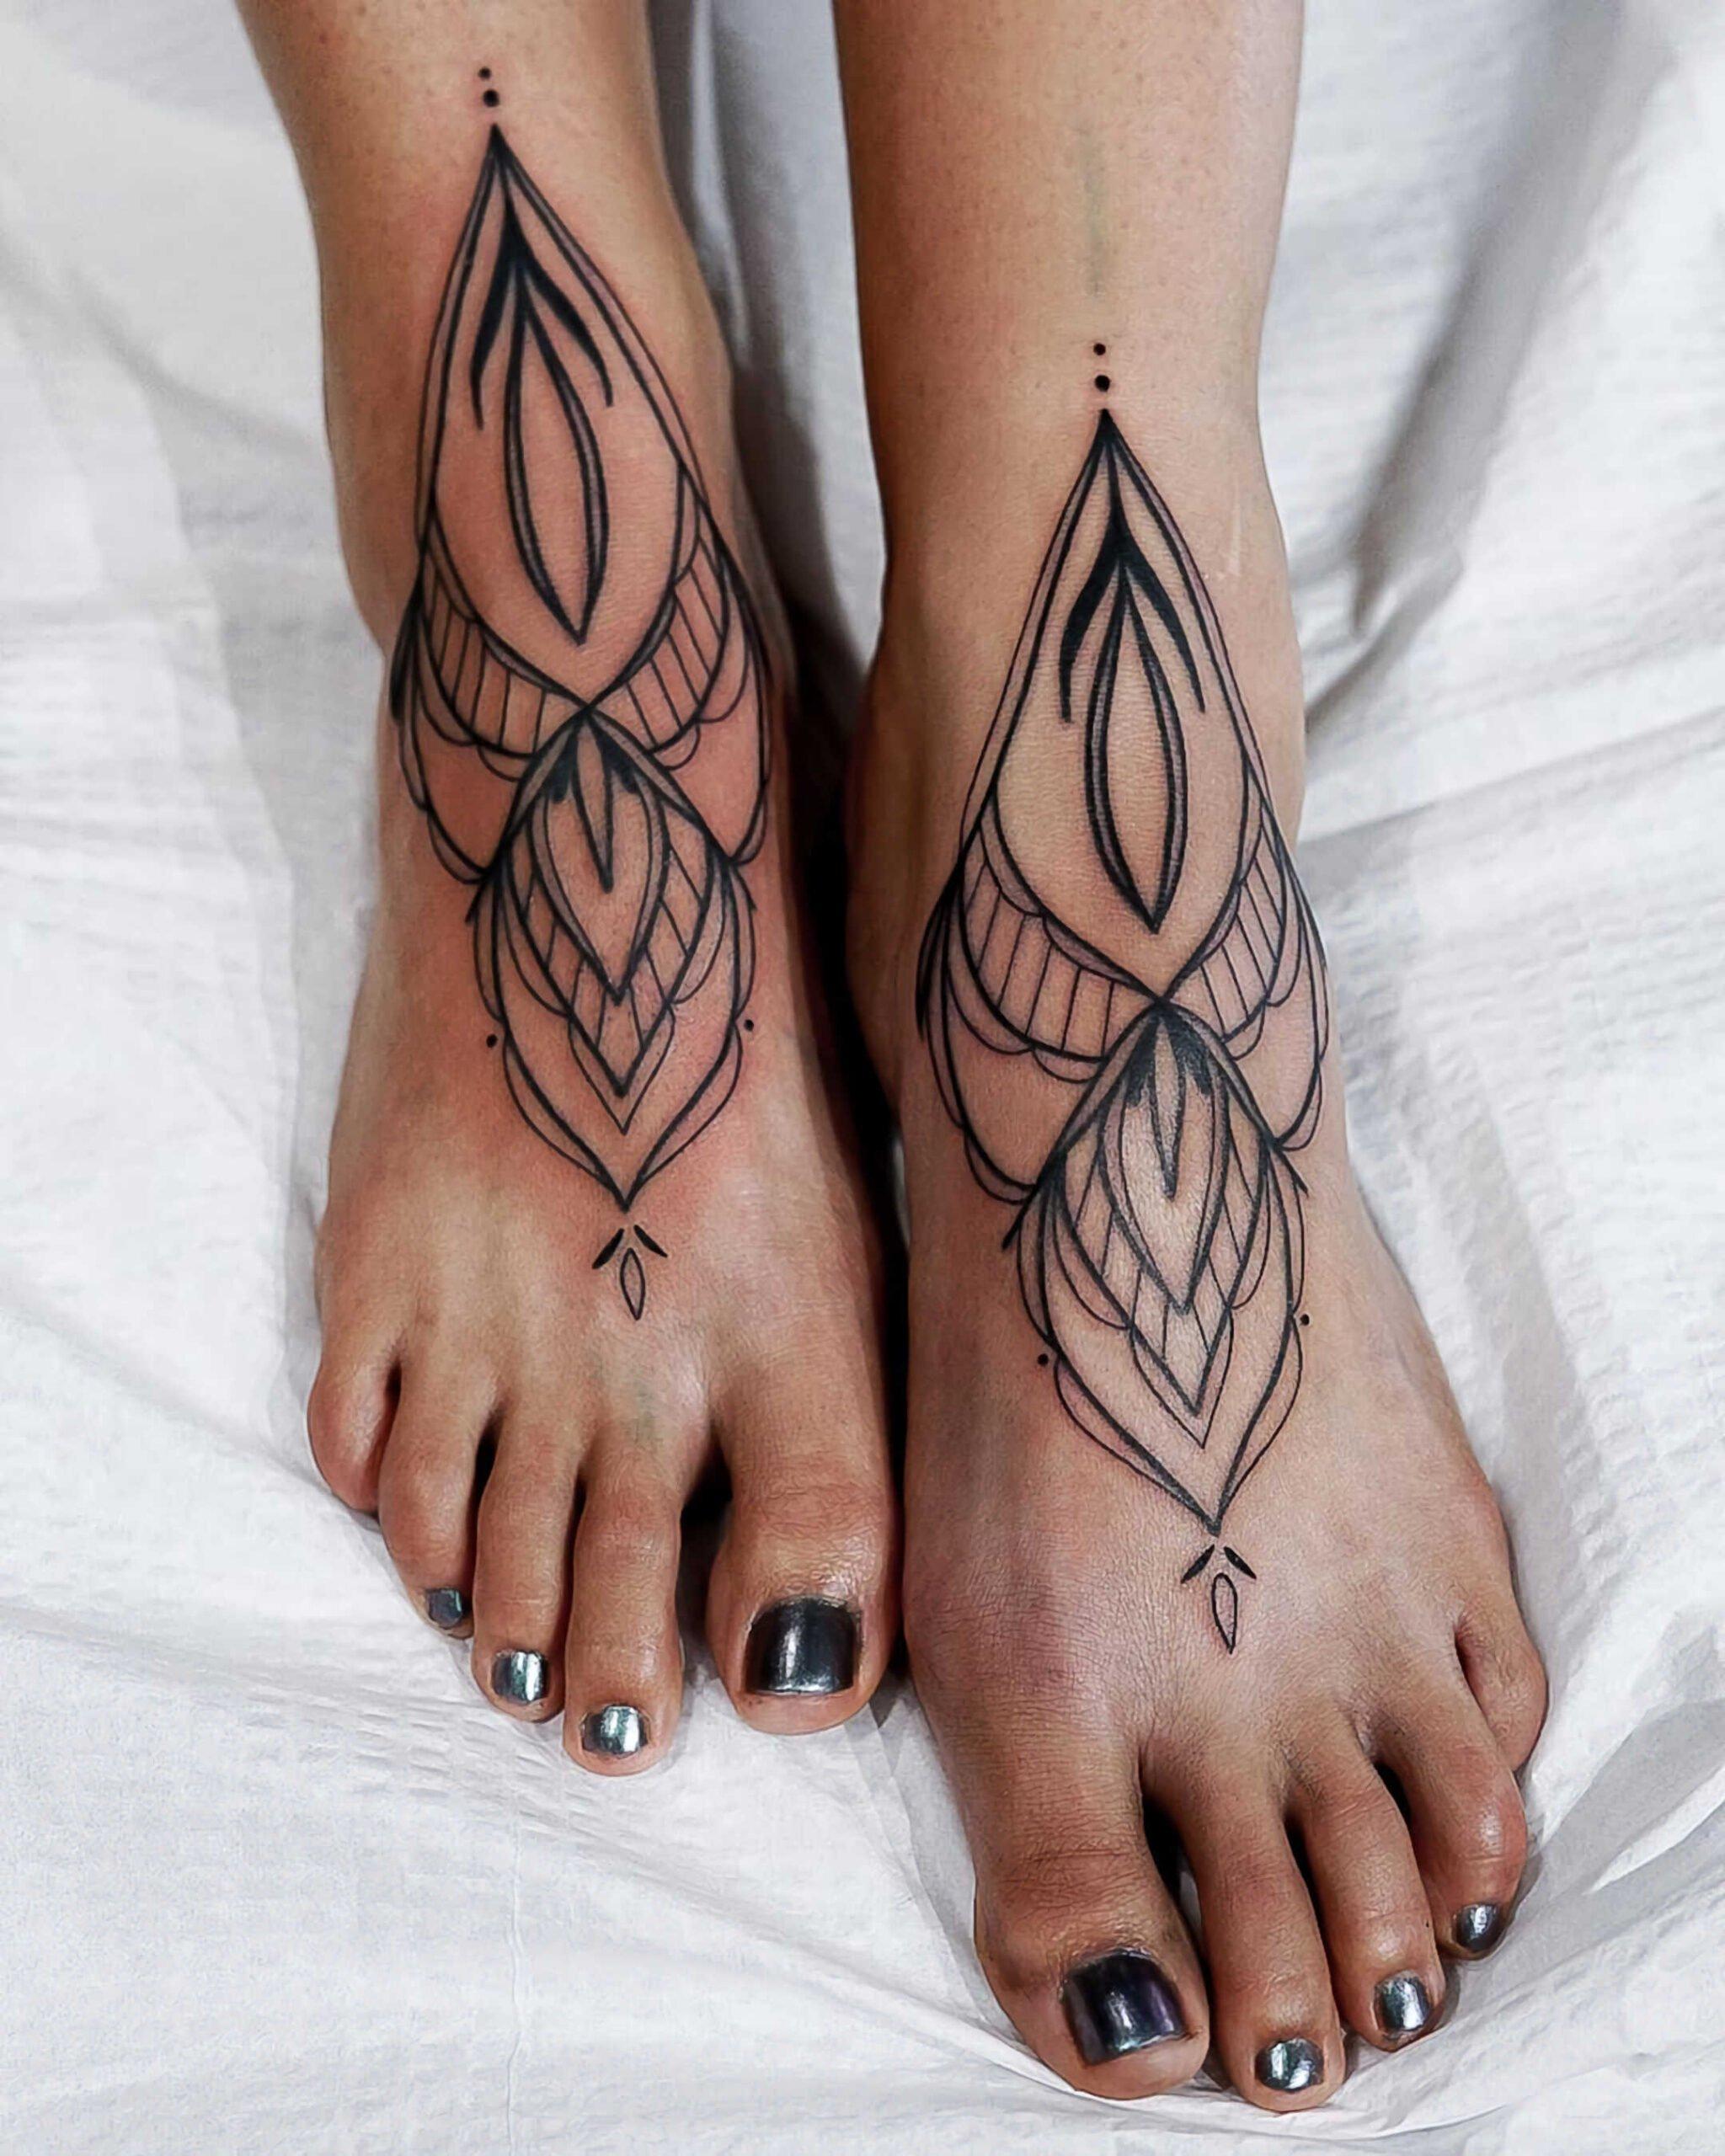 татуировка на ногах